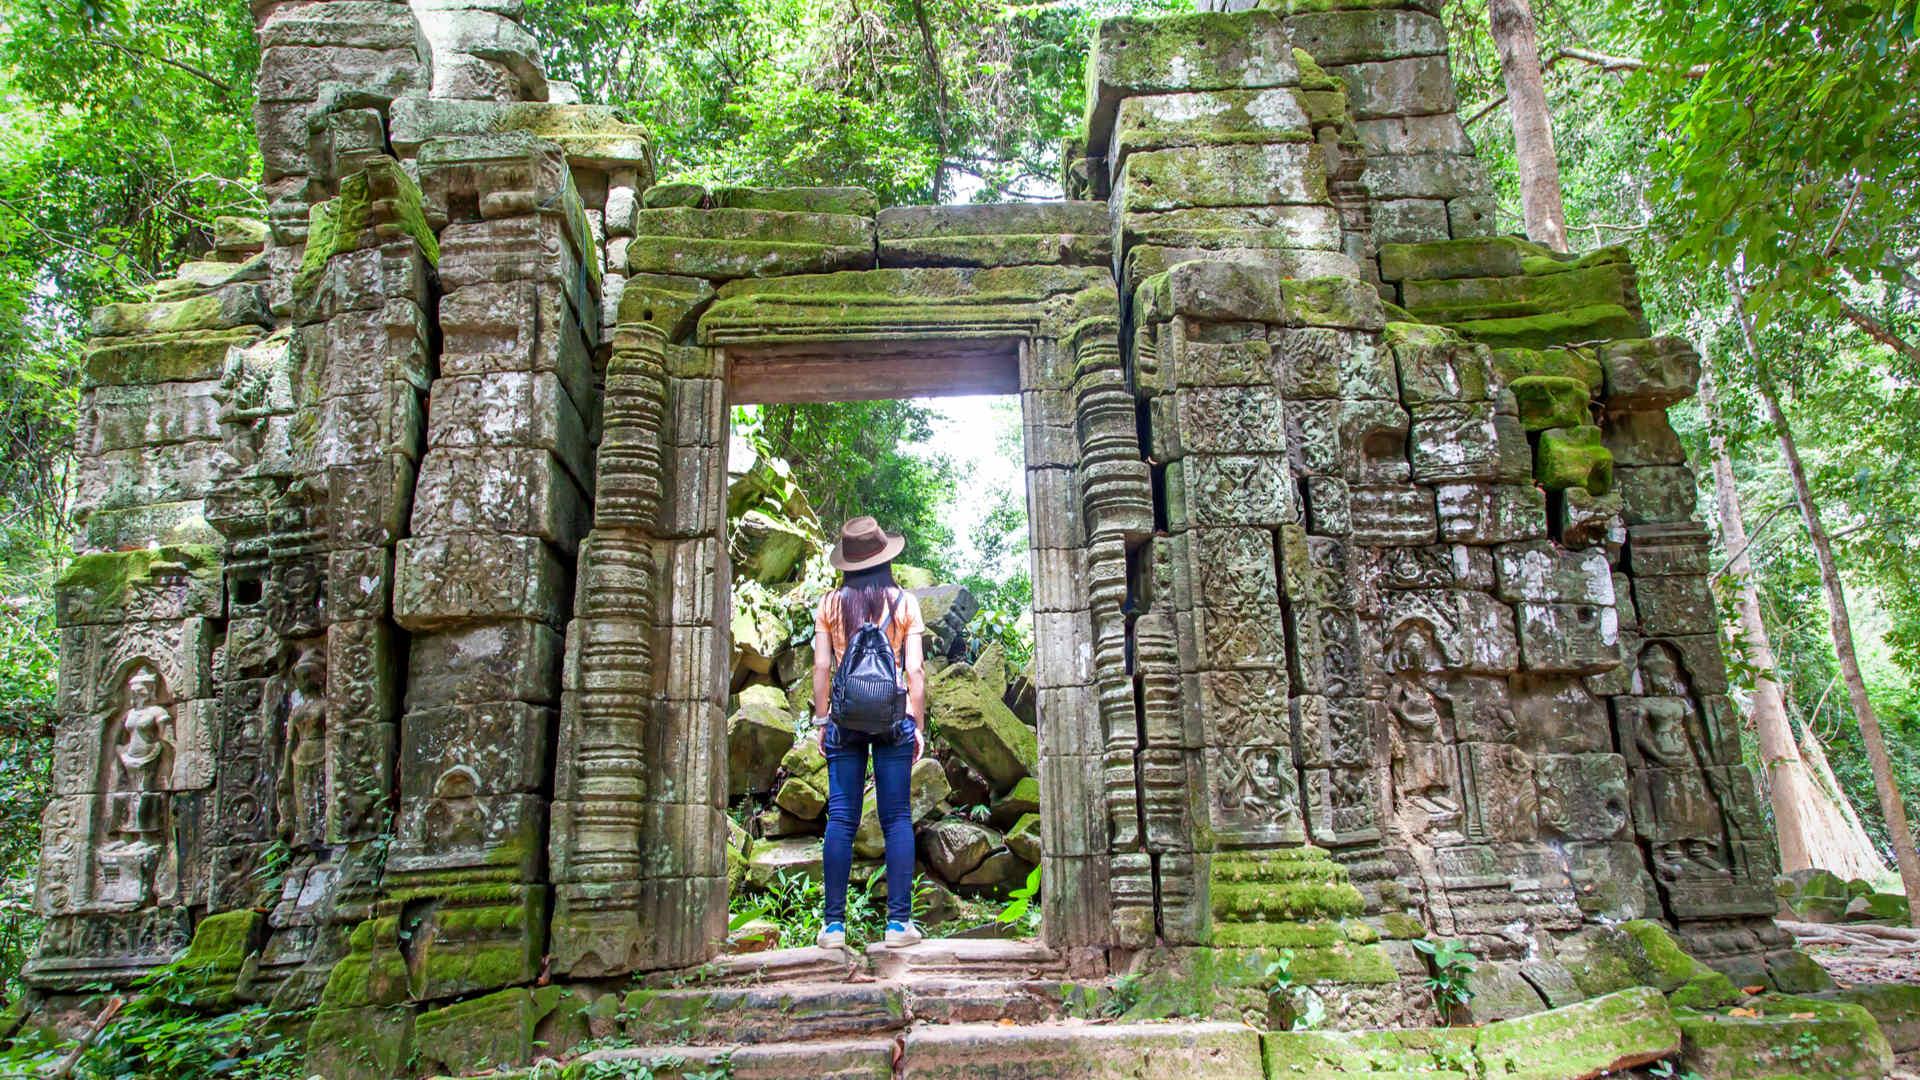 Tourist explors Angkor Wat Temple